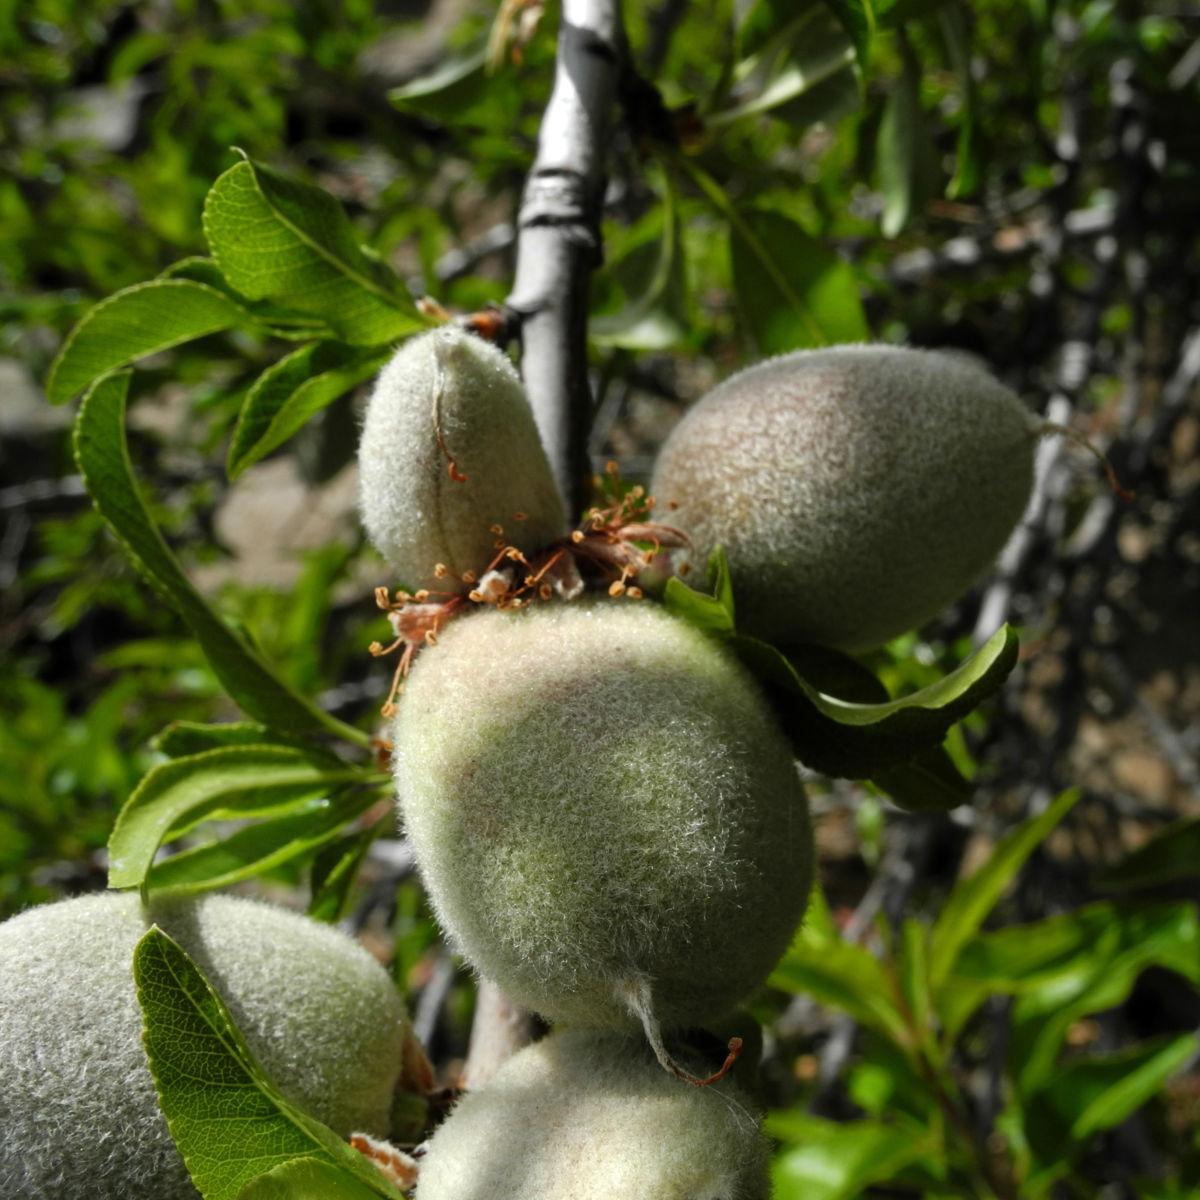 Mandelbaum Frucht gruen Prunus dulcis